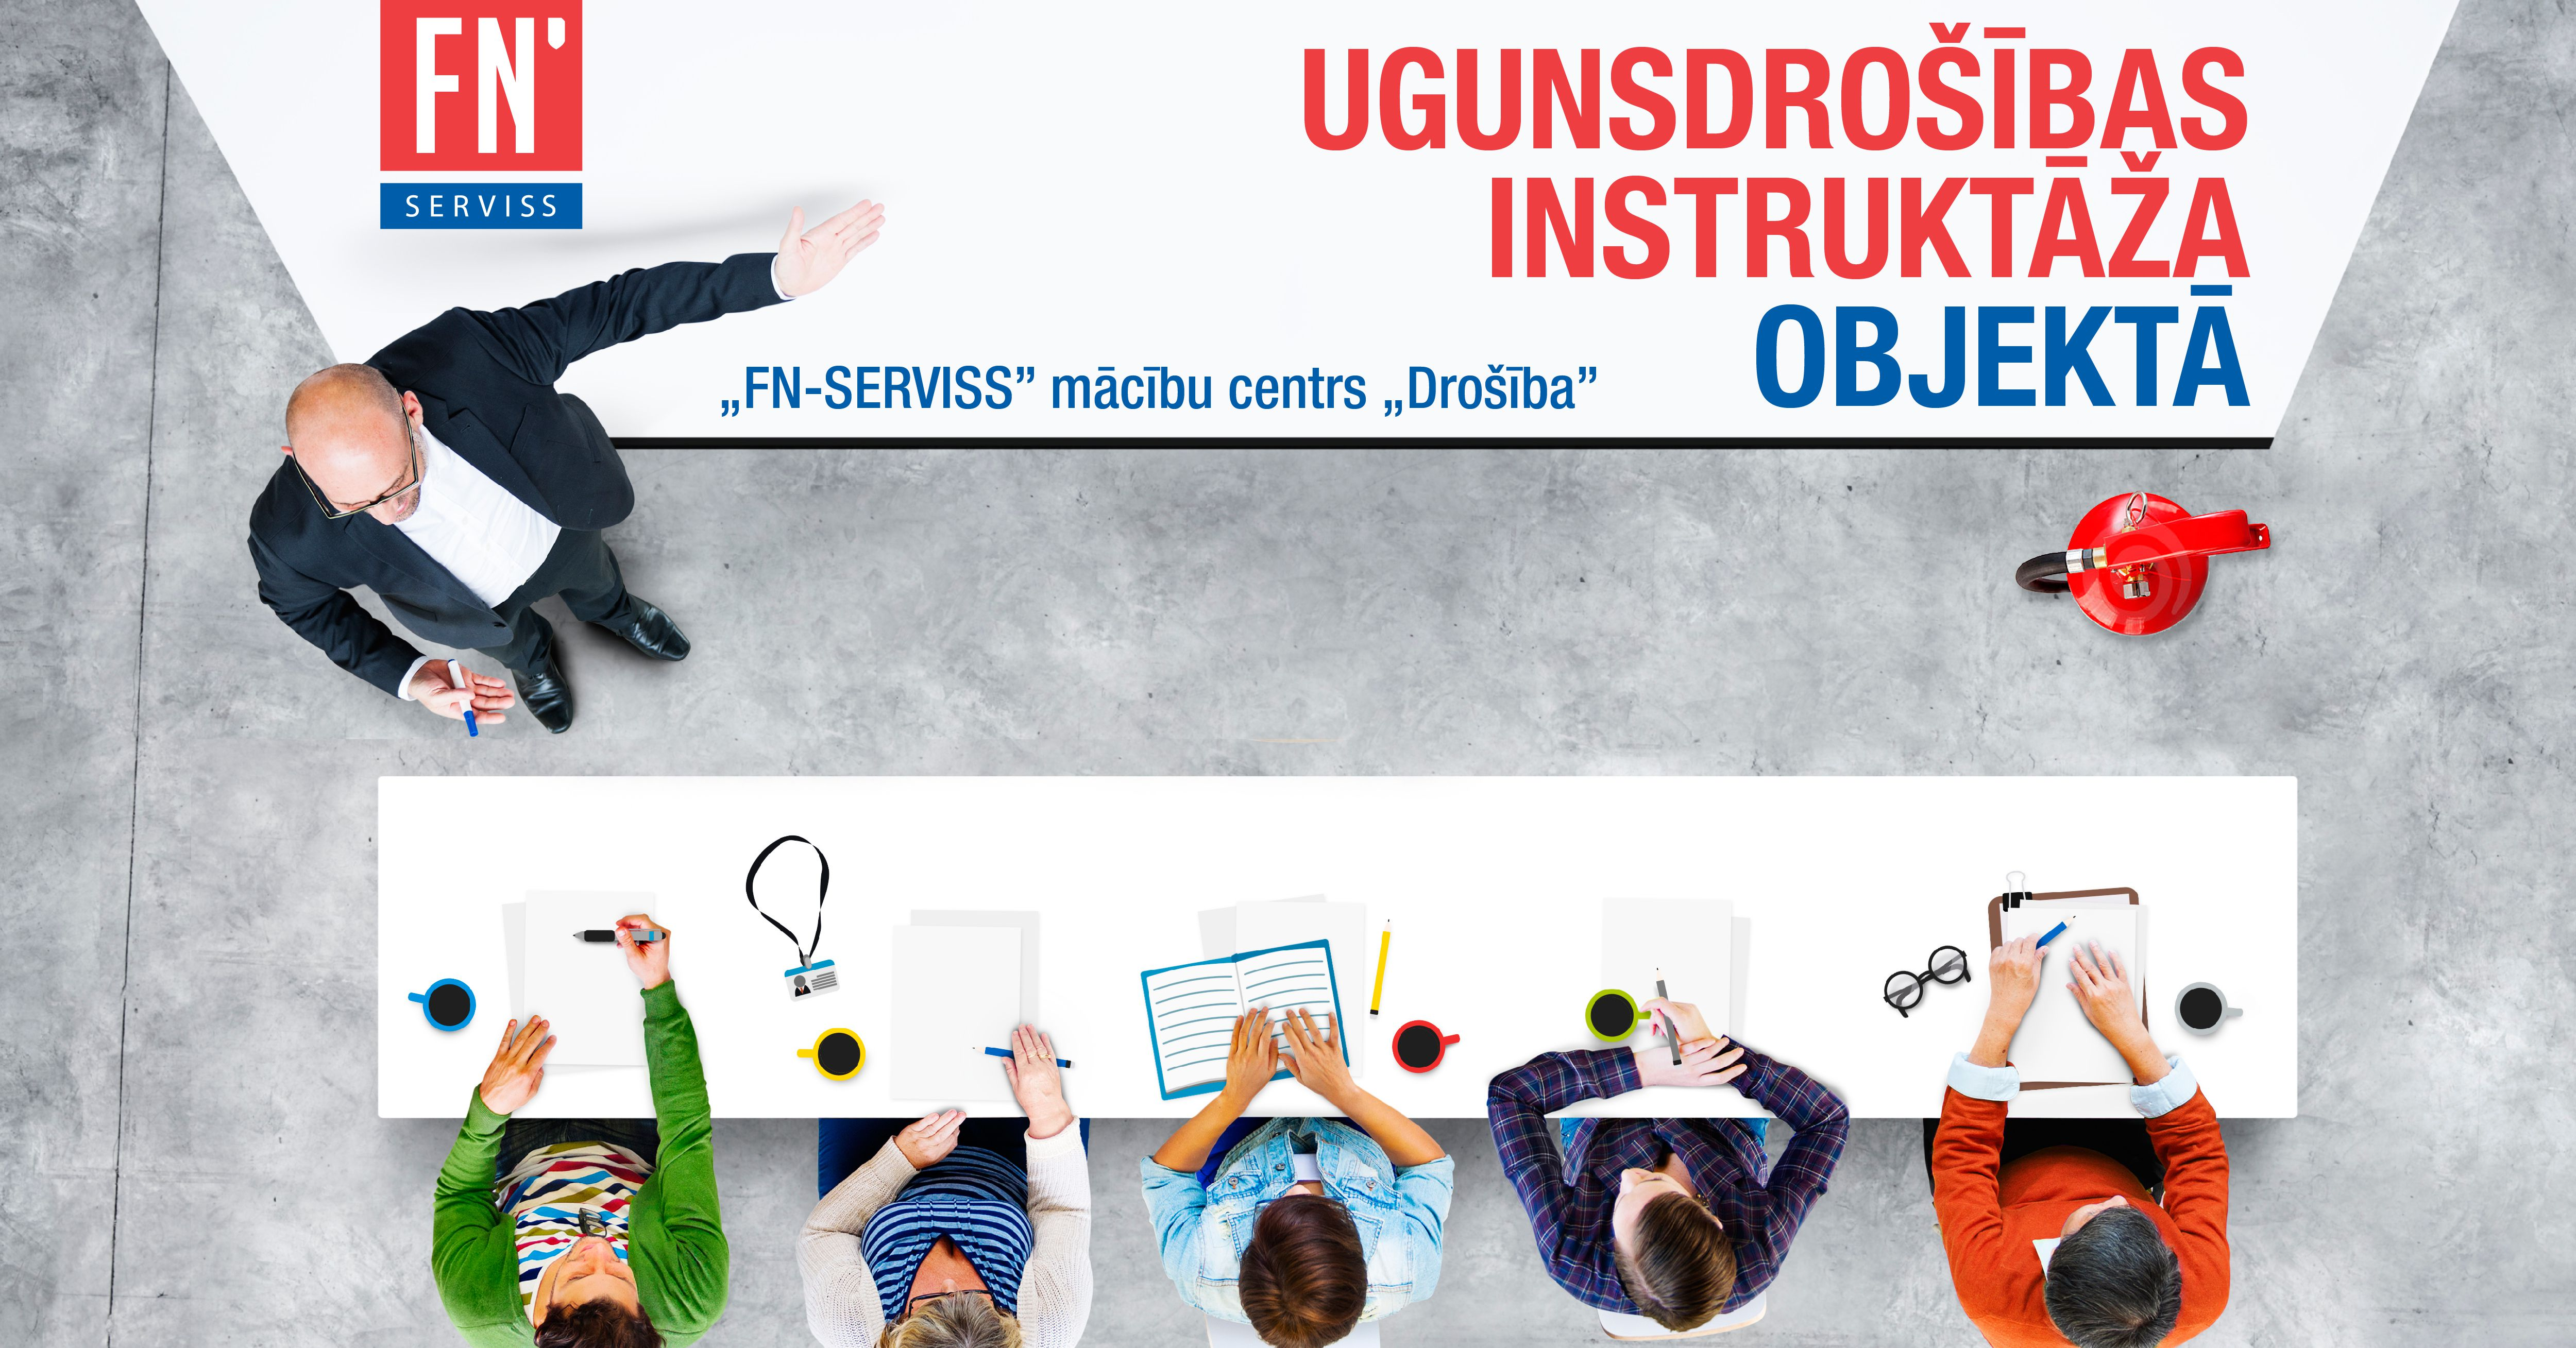 UD_instruktazha_foto-01-01-01